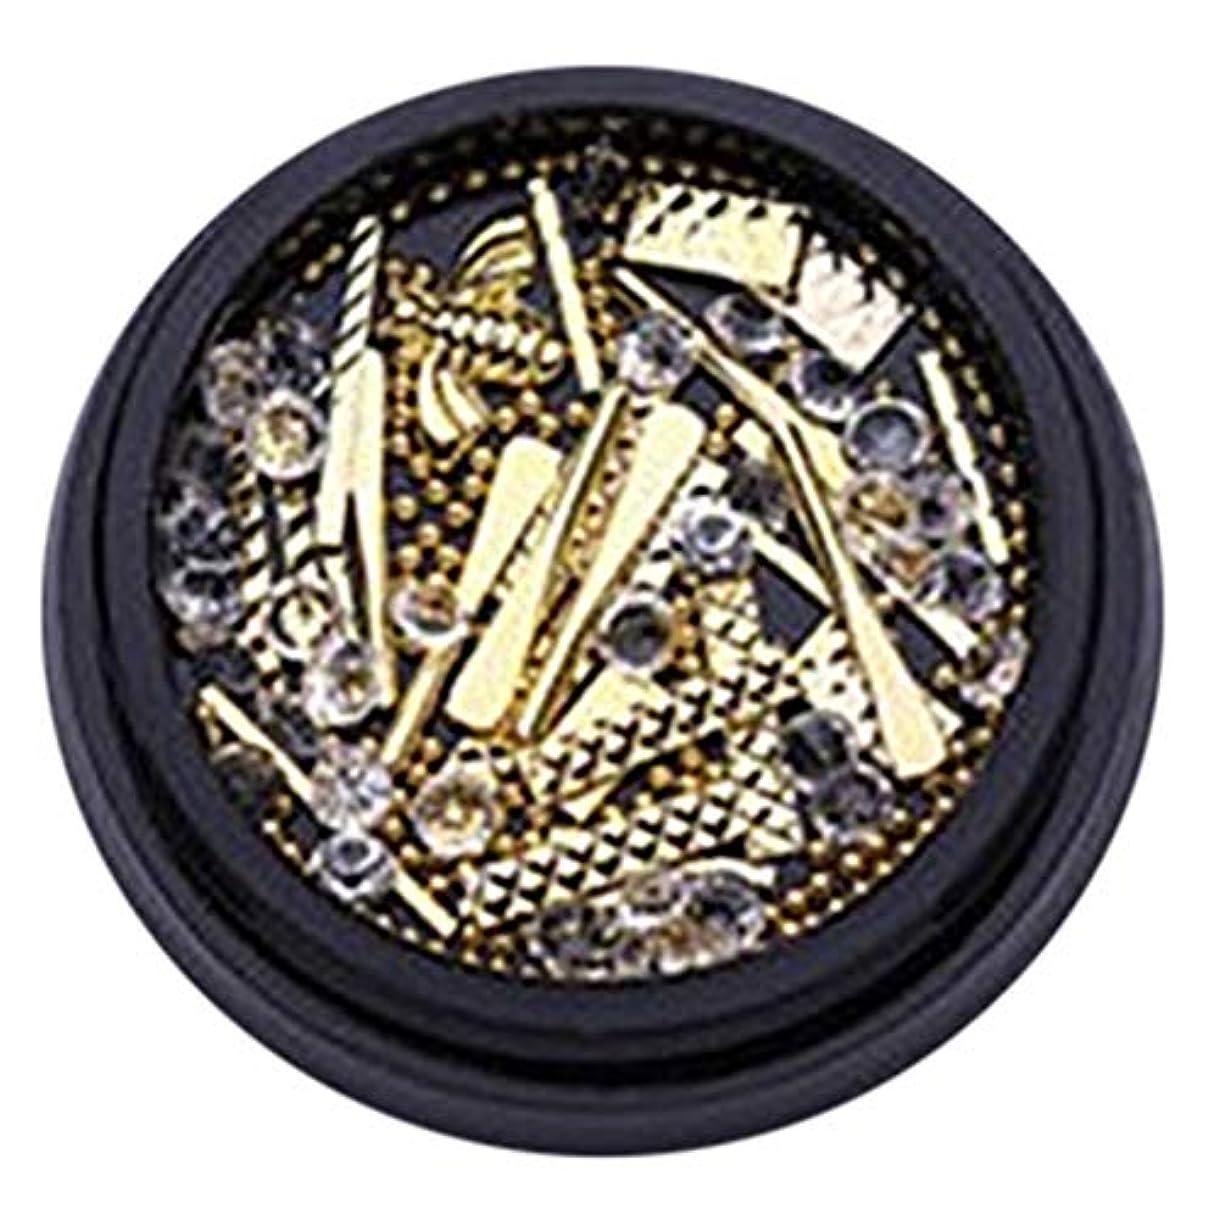 はちみつ不調和光hamulekfae-和風可愛い人気ブラクケア金属バー長方形リベットネイルアート宝石ラインストーンデコレーションホイールDIYのヒント - ゴールデンGolden